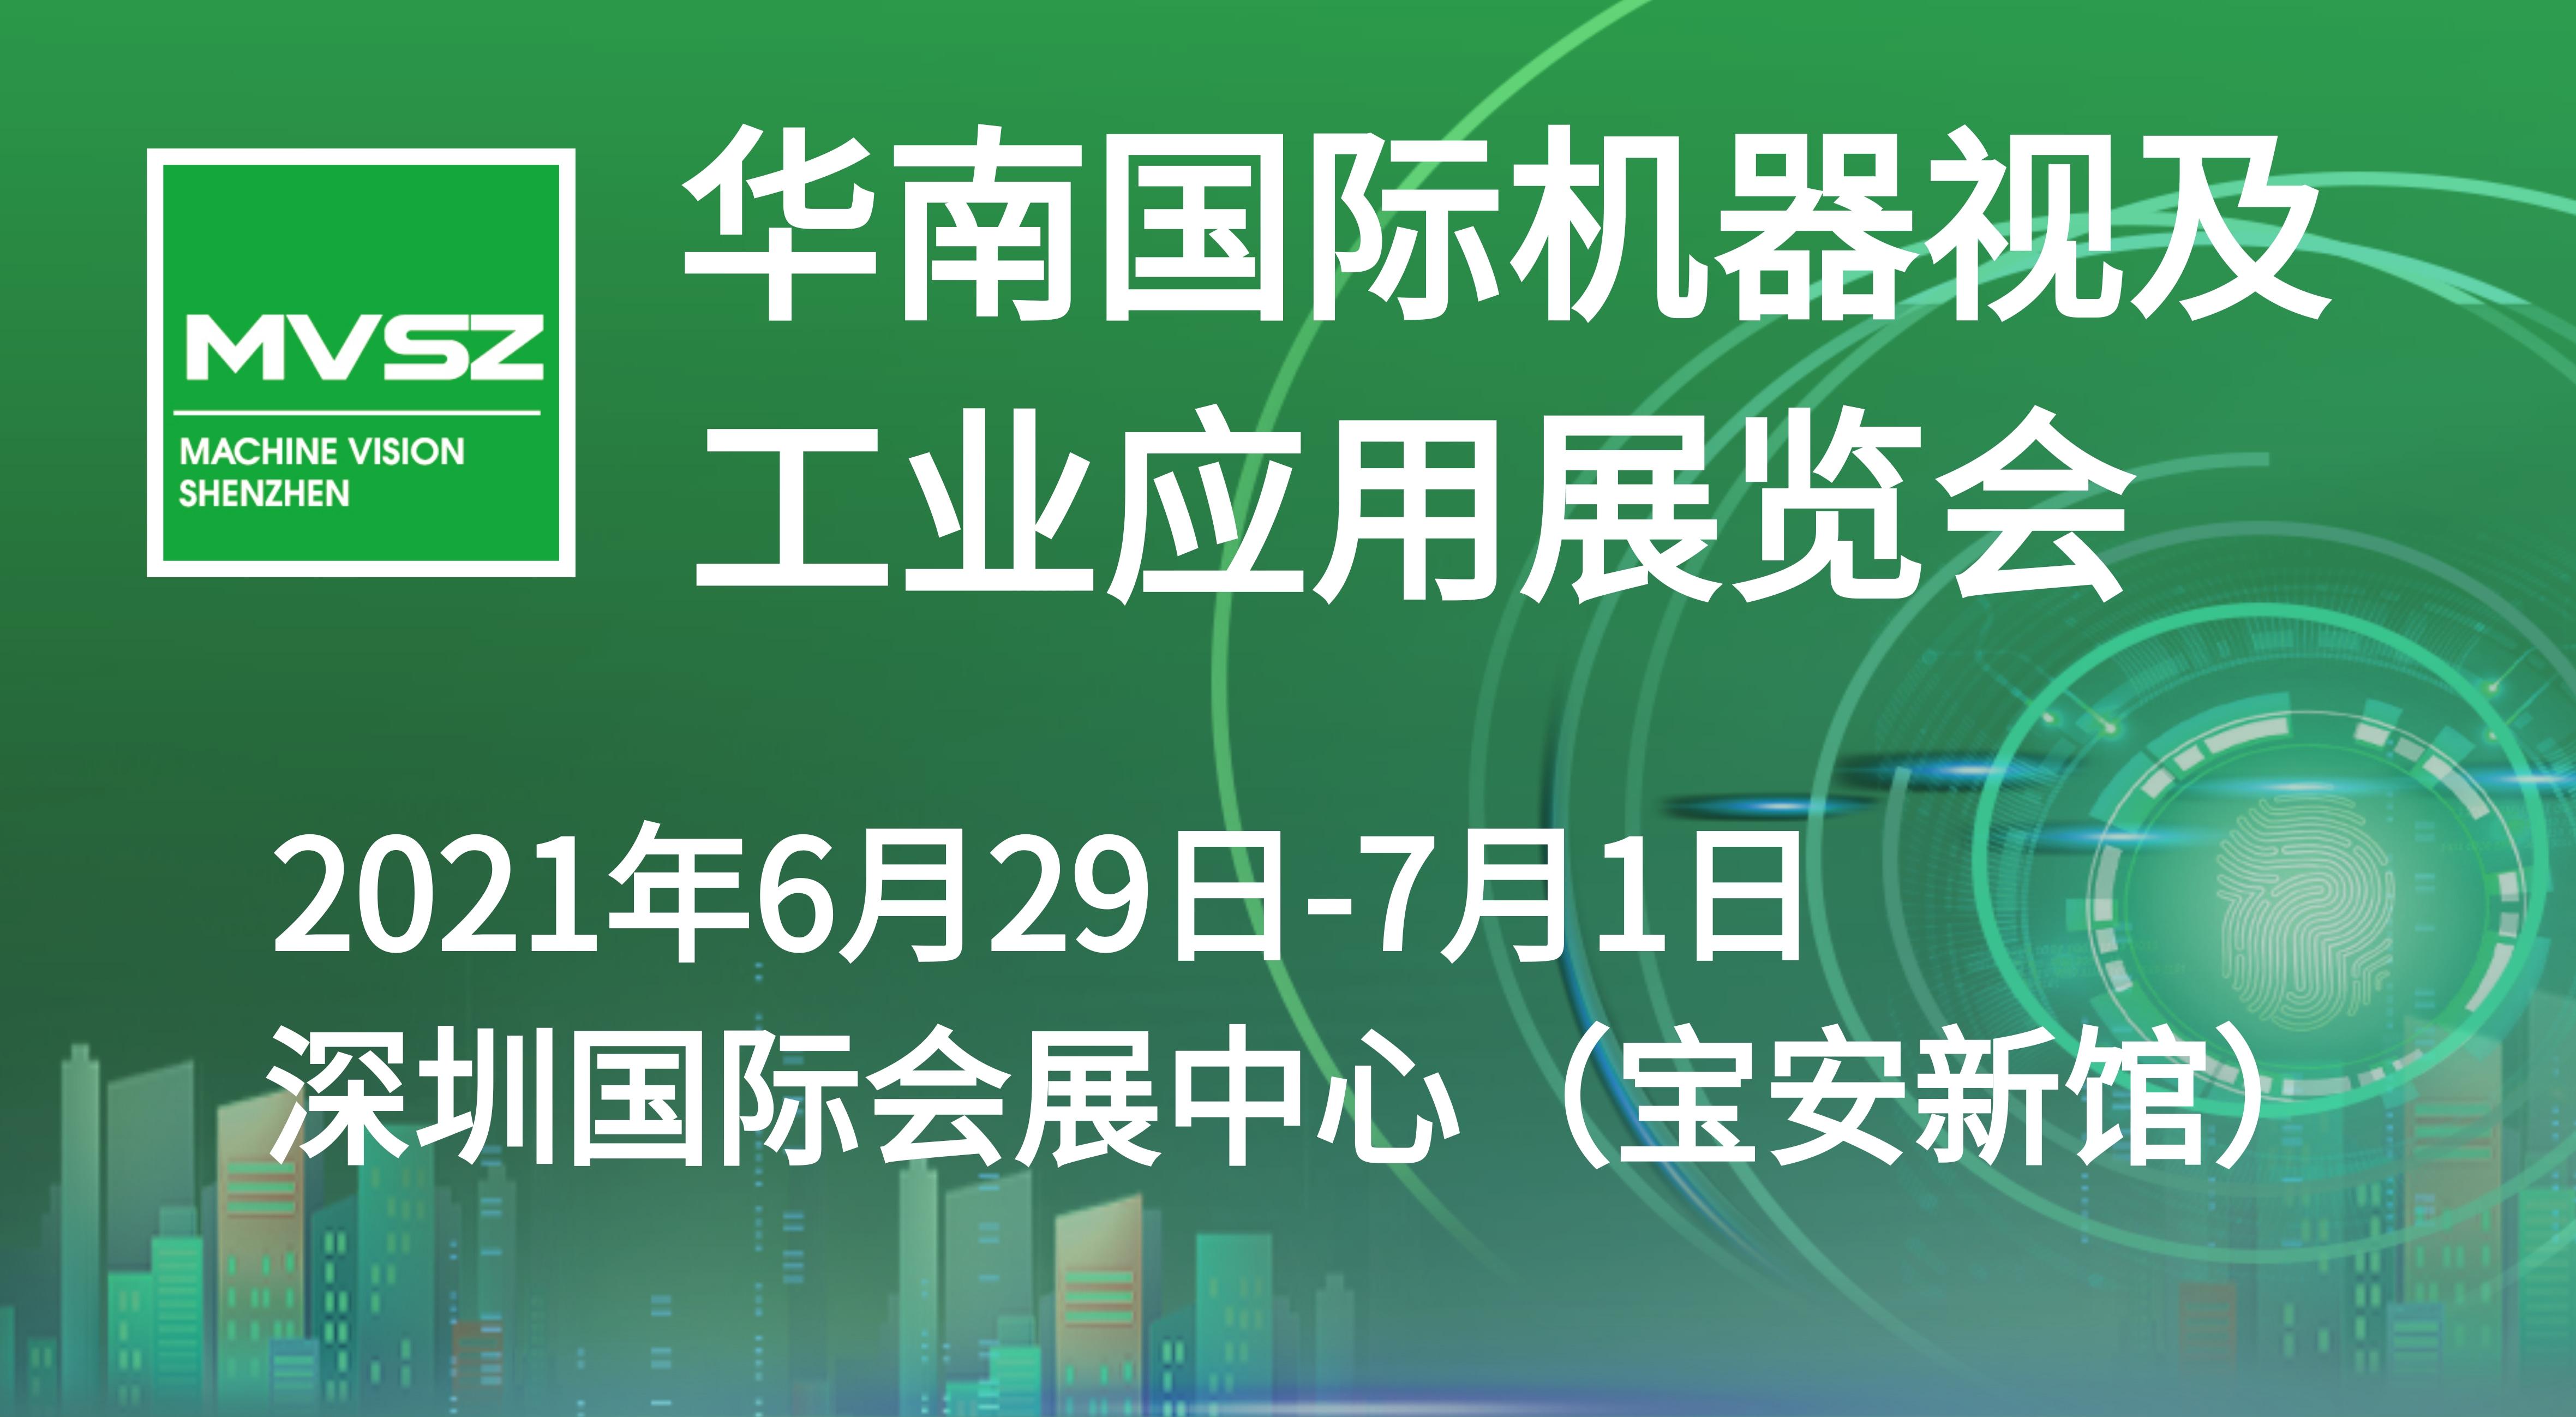 2021 MVSZ華南國際機器視覺展